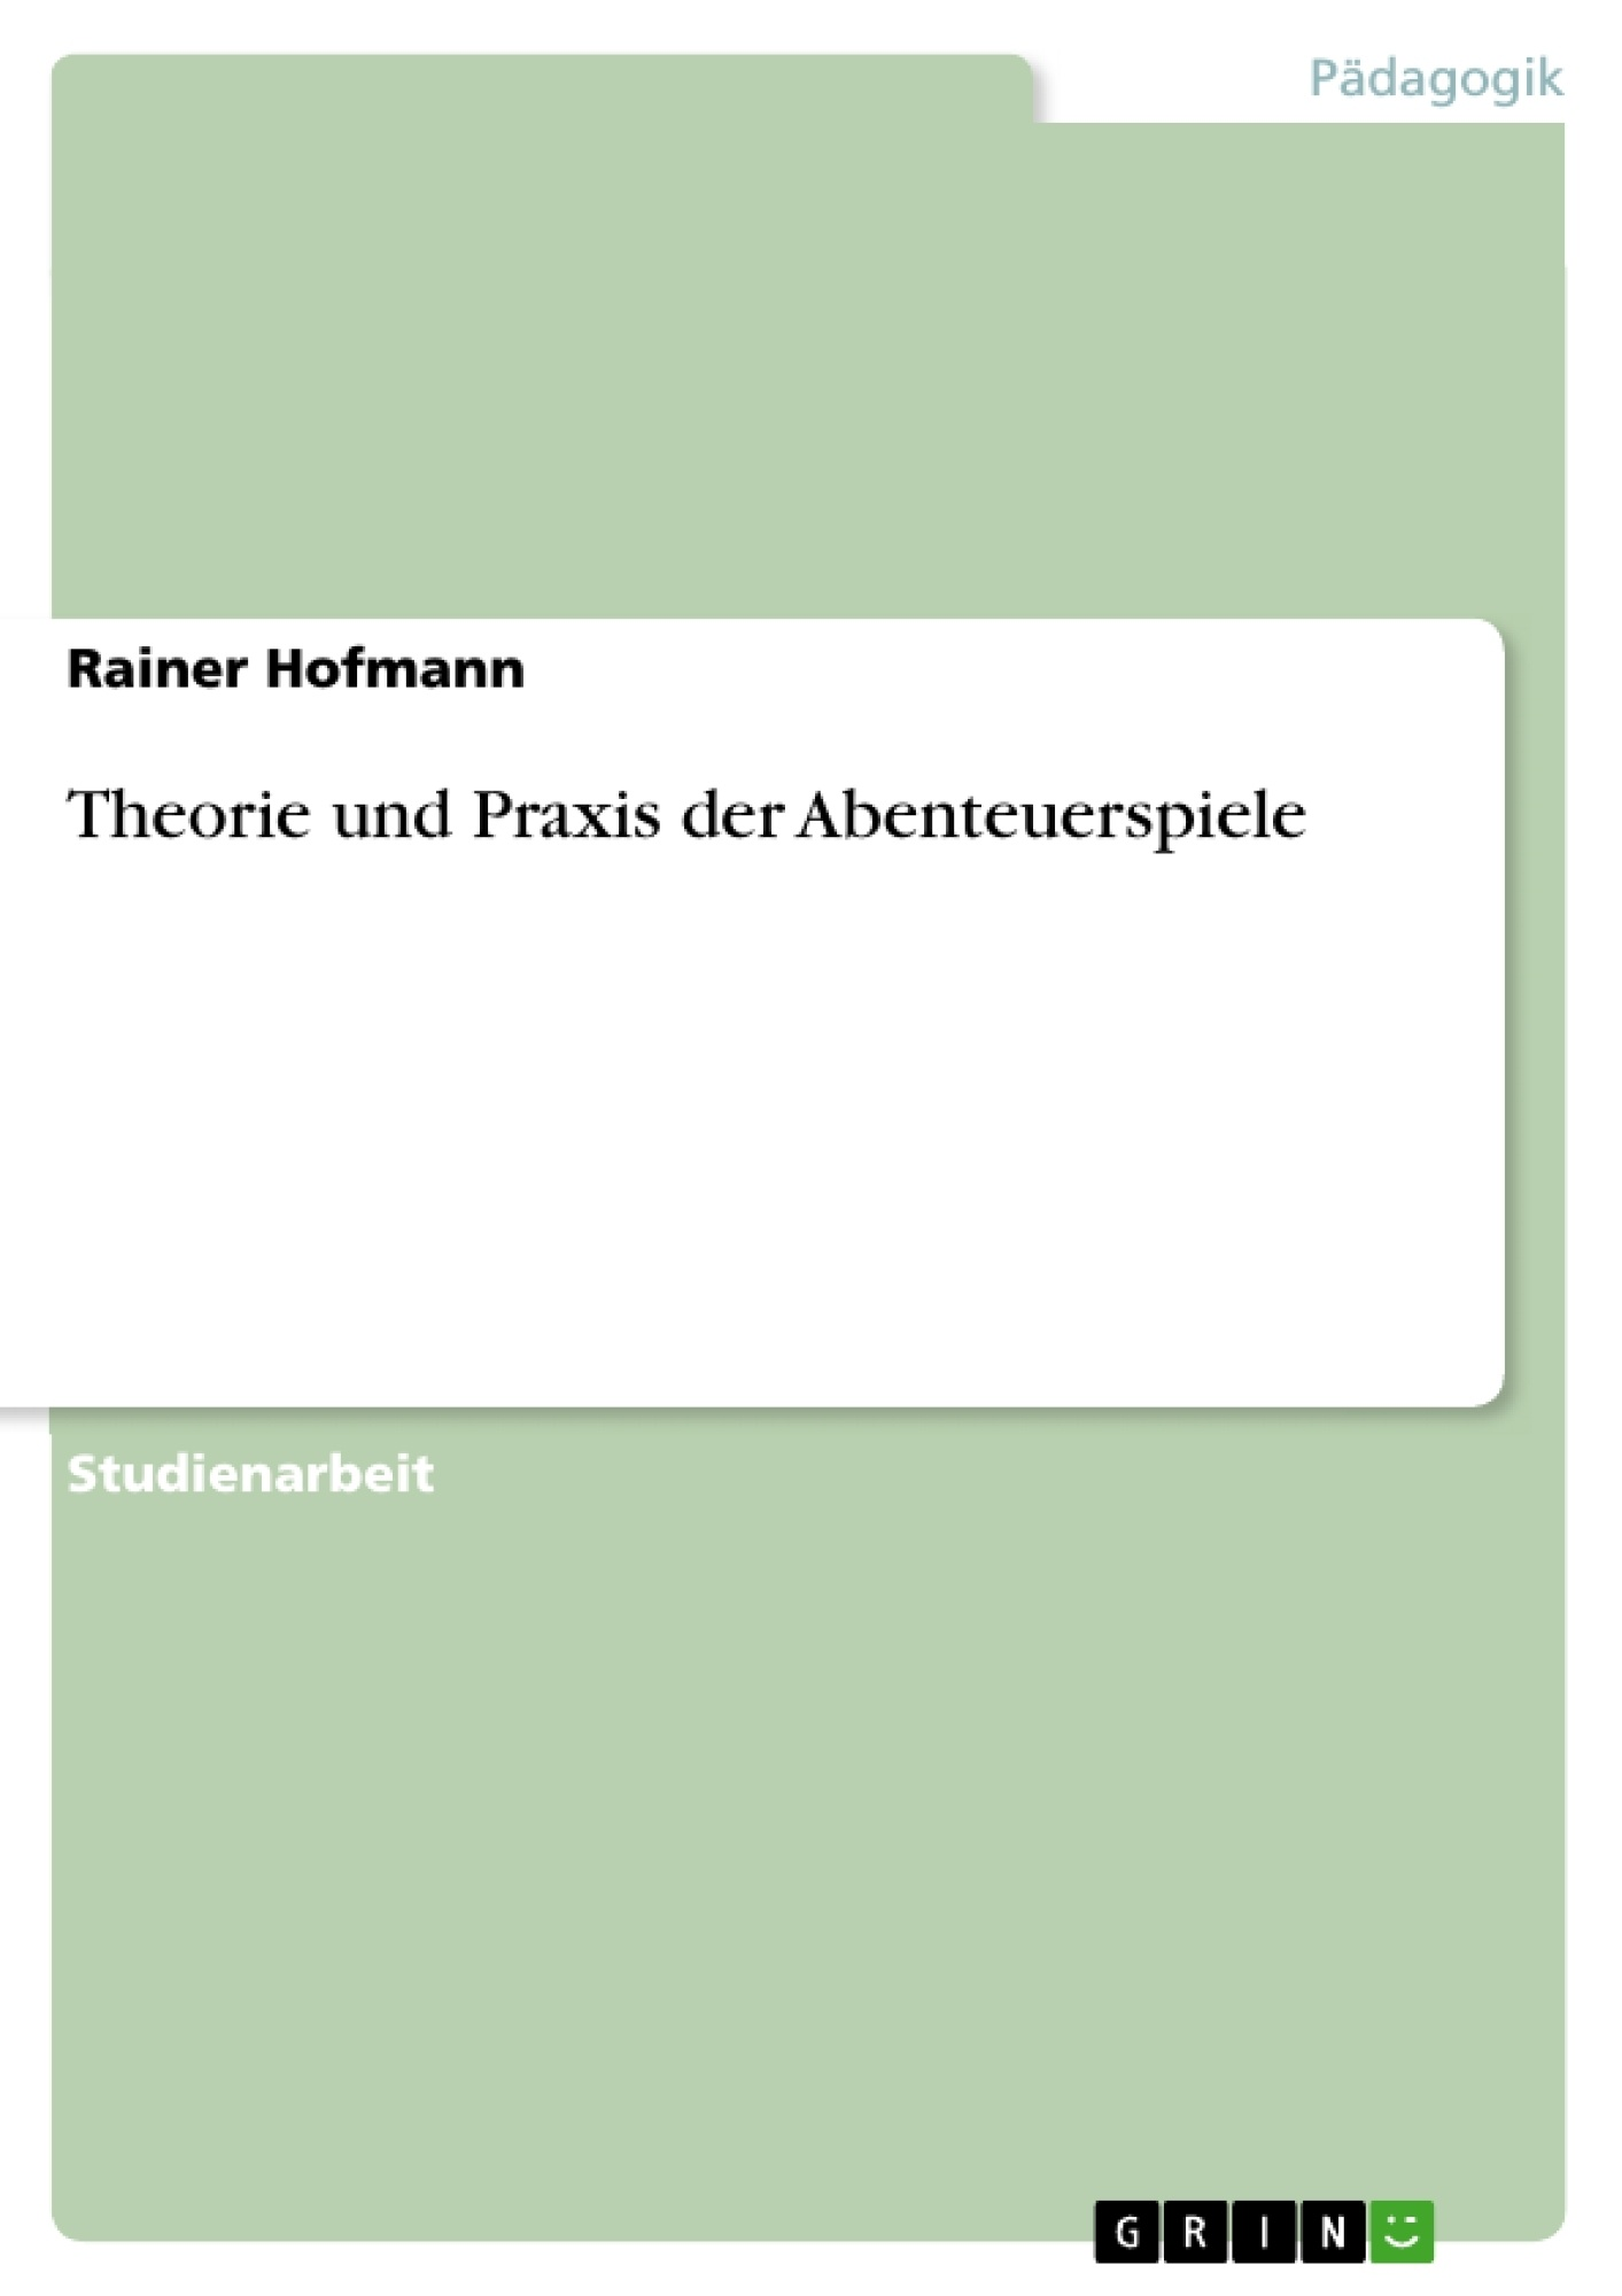 Titel: Theorie und Praxis der Abenteuerspiele